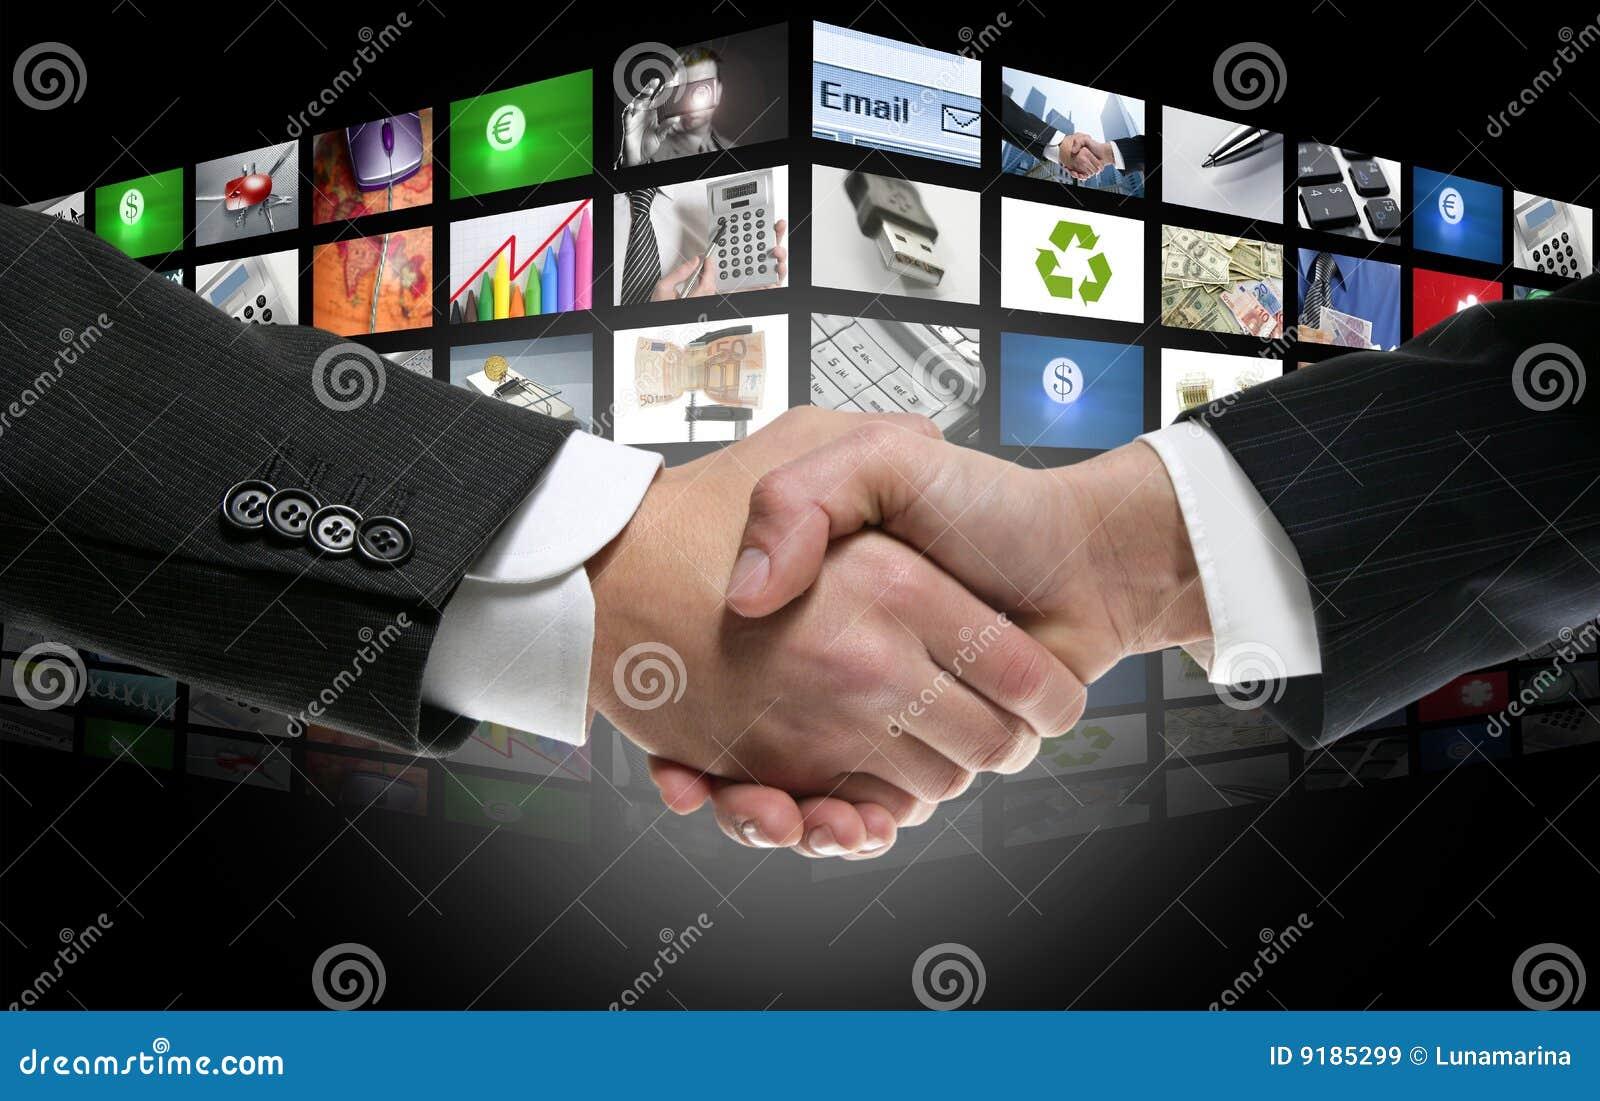 Era digitale futuristica TV e priorità bassa dei canali